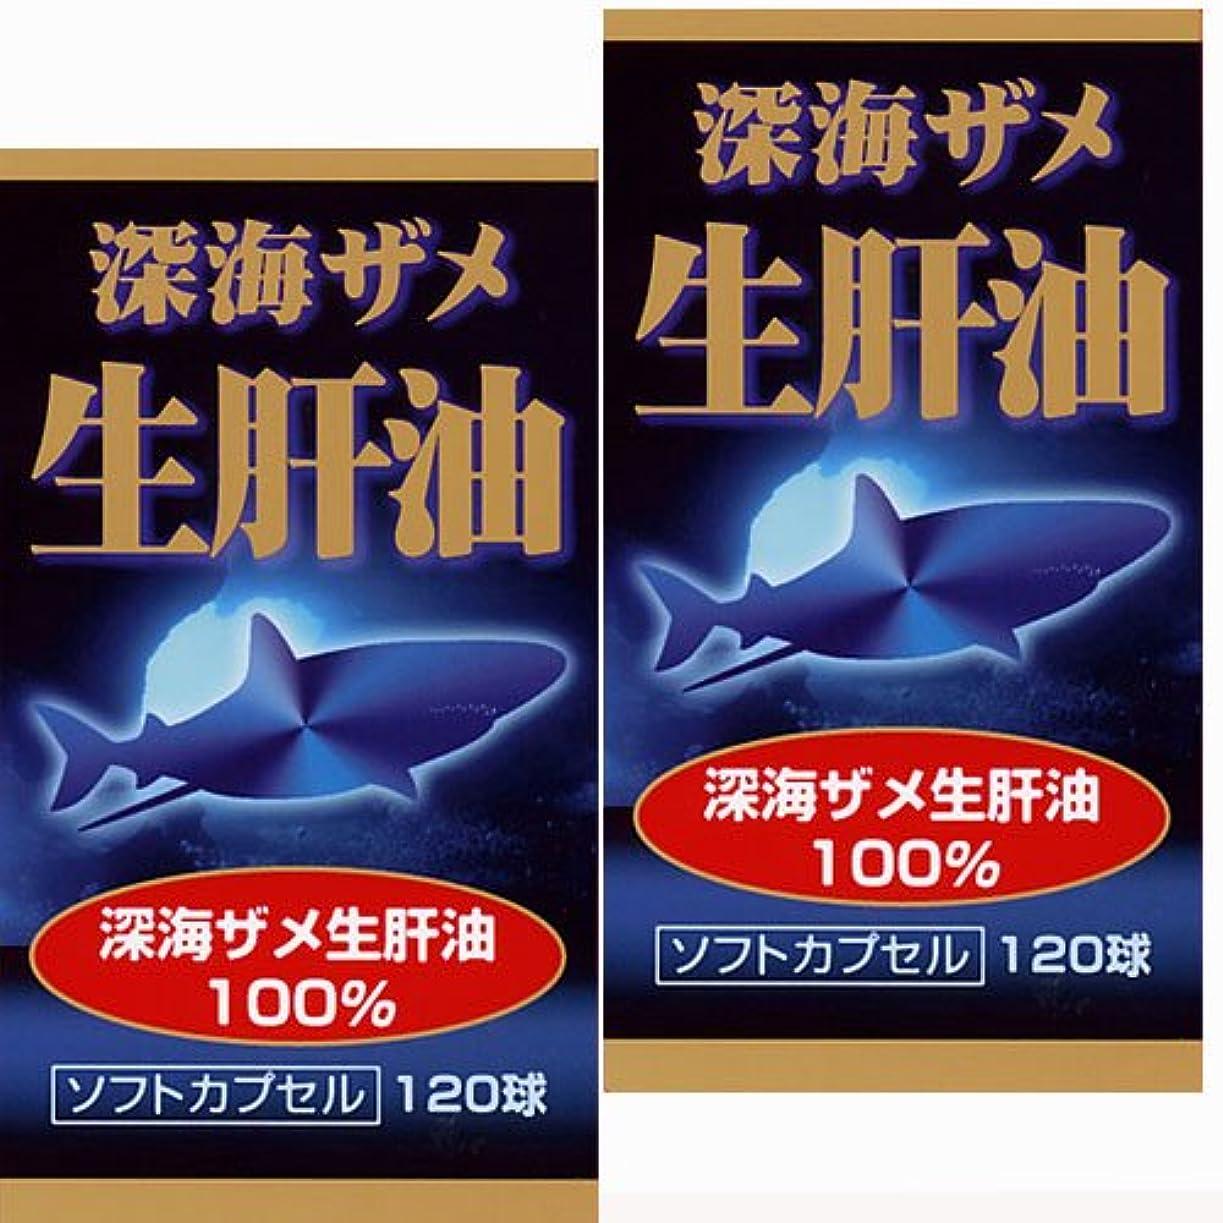 展開する高価な保証する【2個】ユウキ製薬 深海ザメ生肝油 30日分 120球x2個 (4524326201065-2)